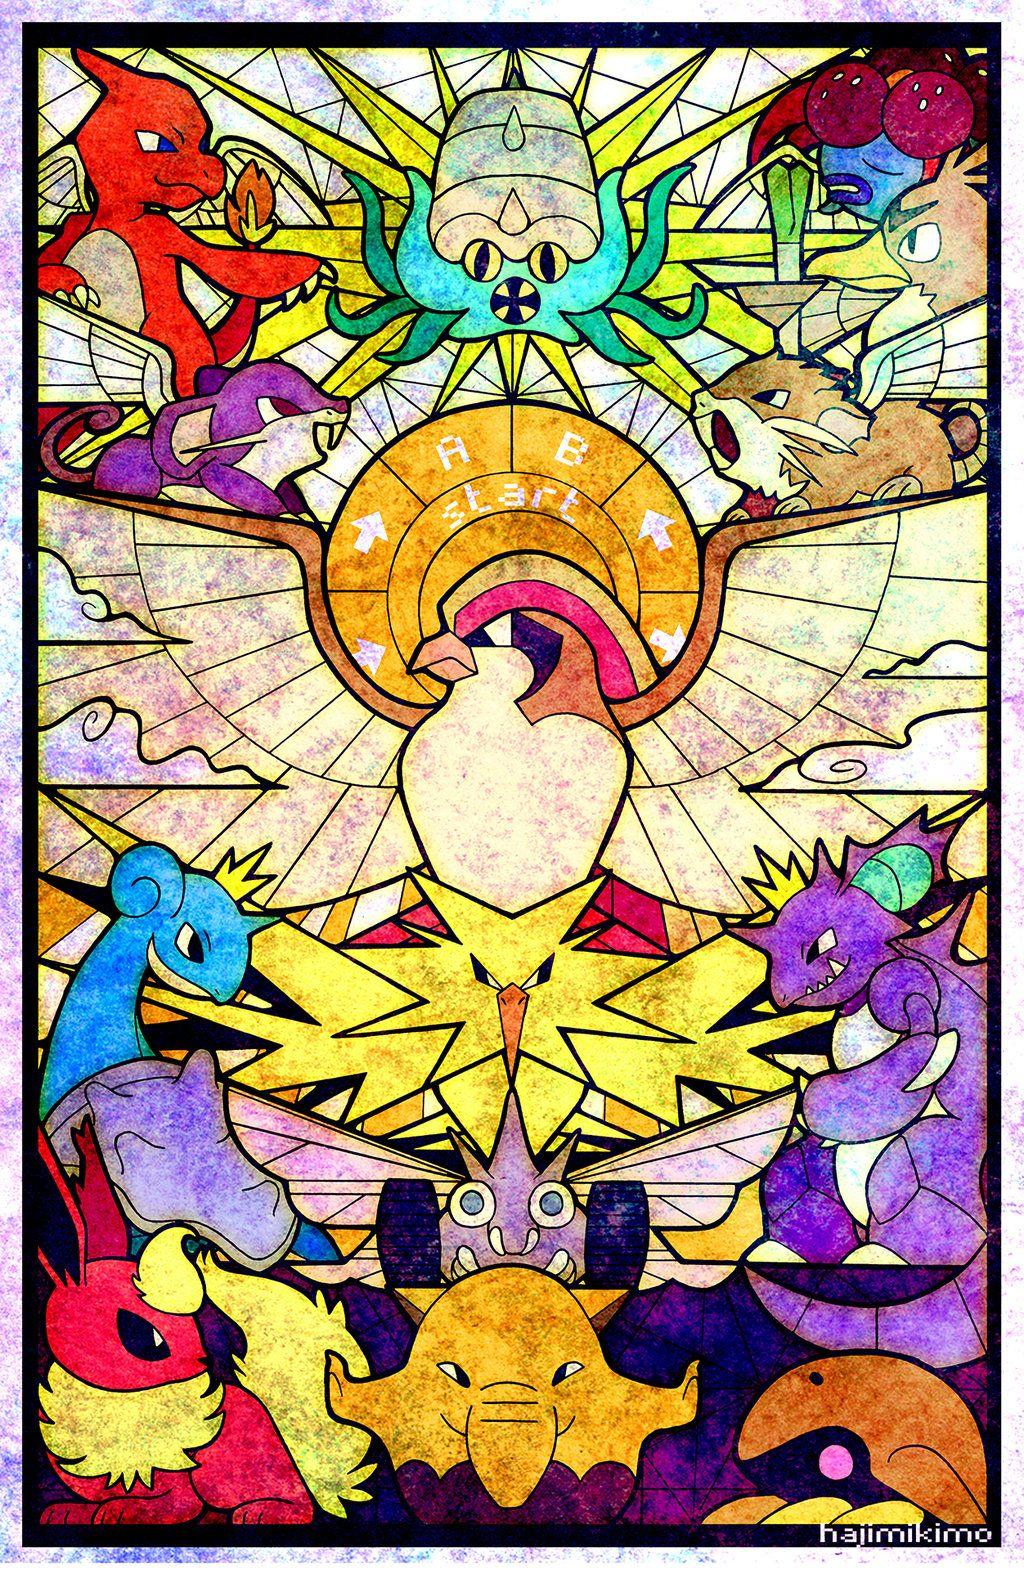 Twitch Plays Pokemon Red by hajimikimo Poster de pokémon